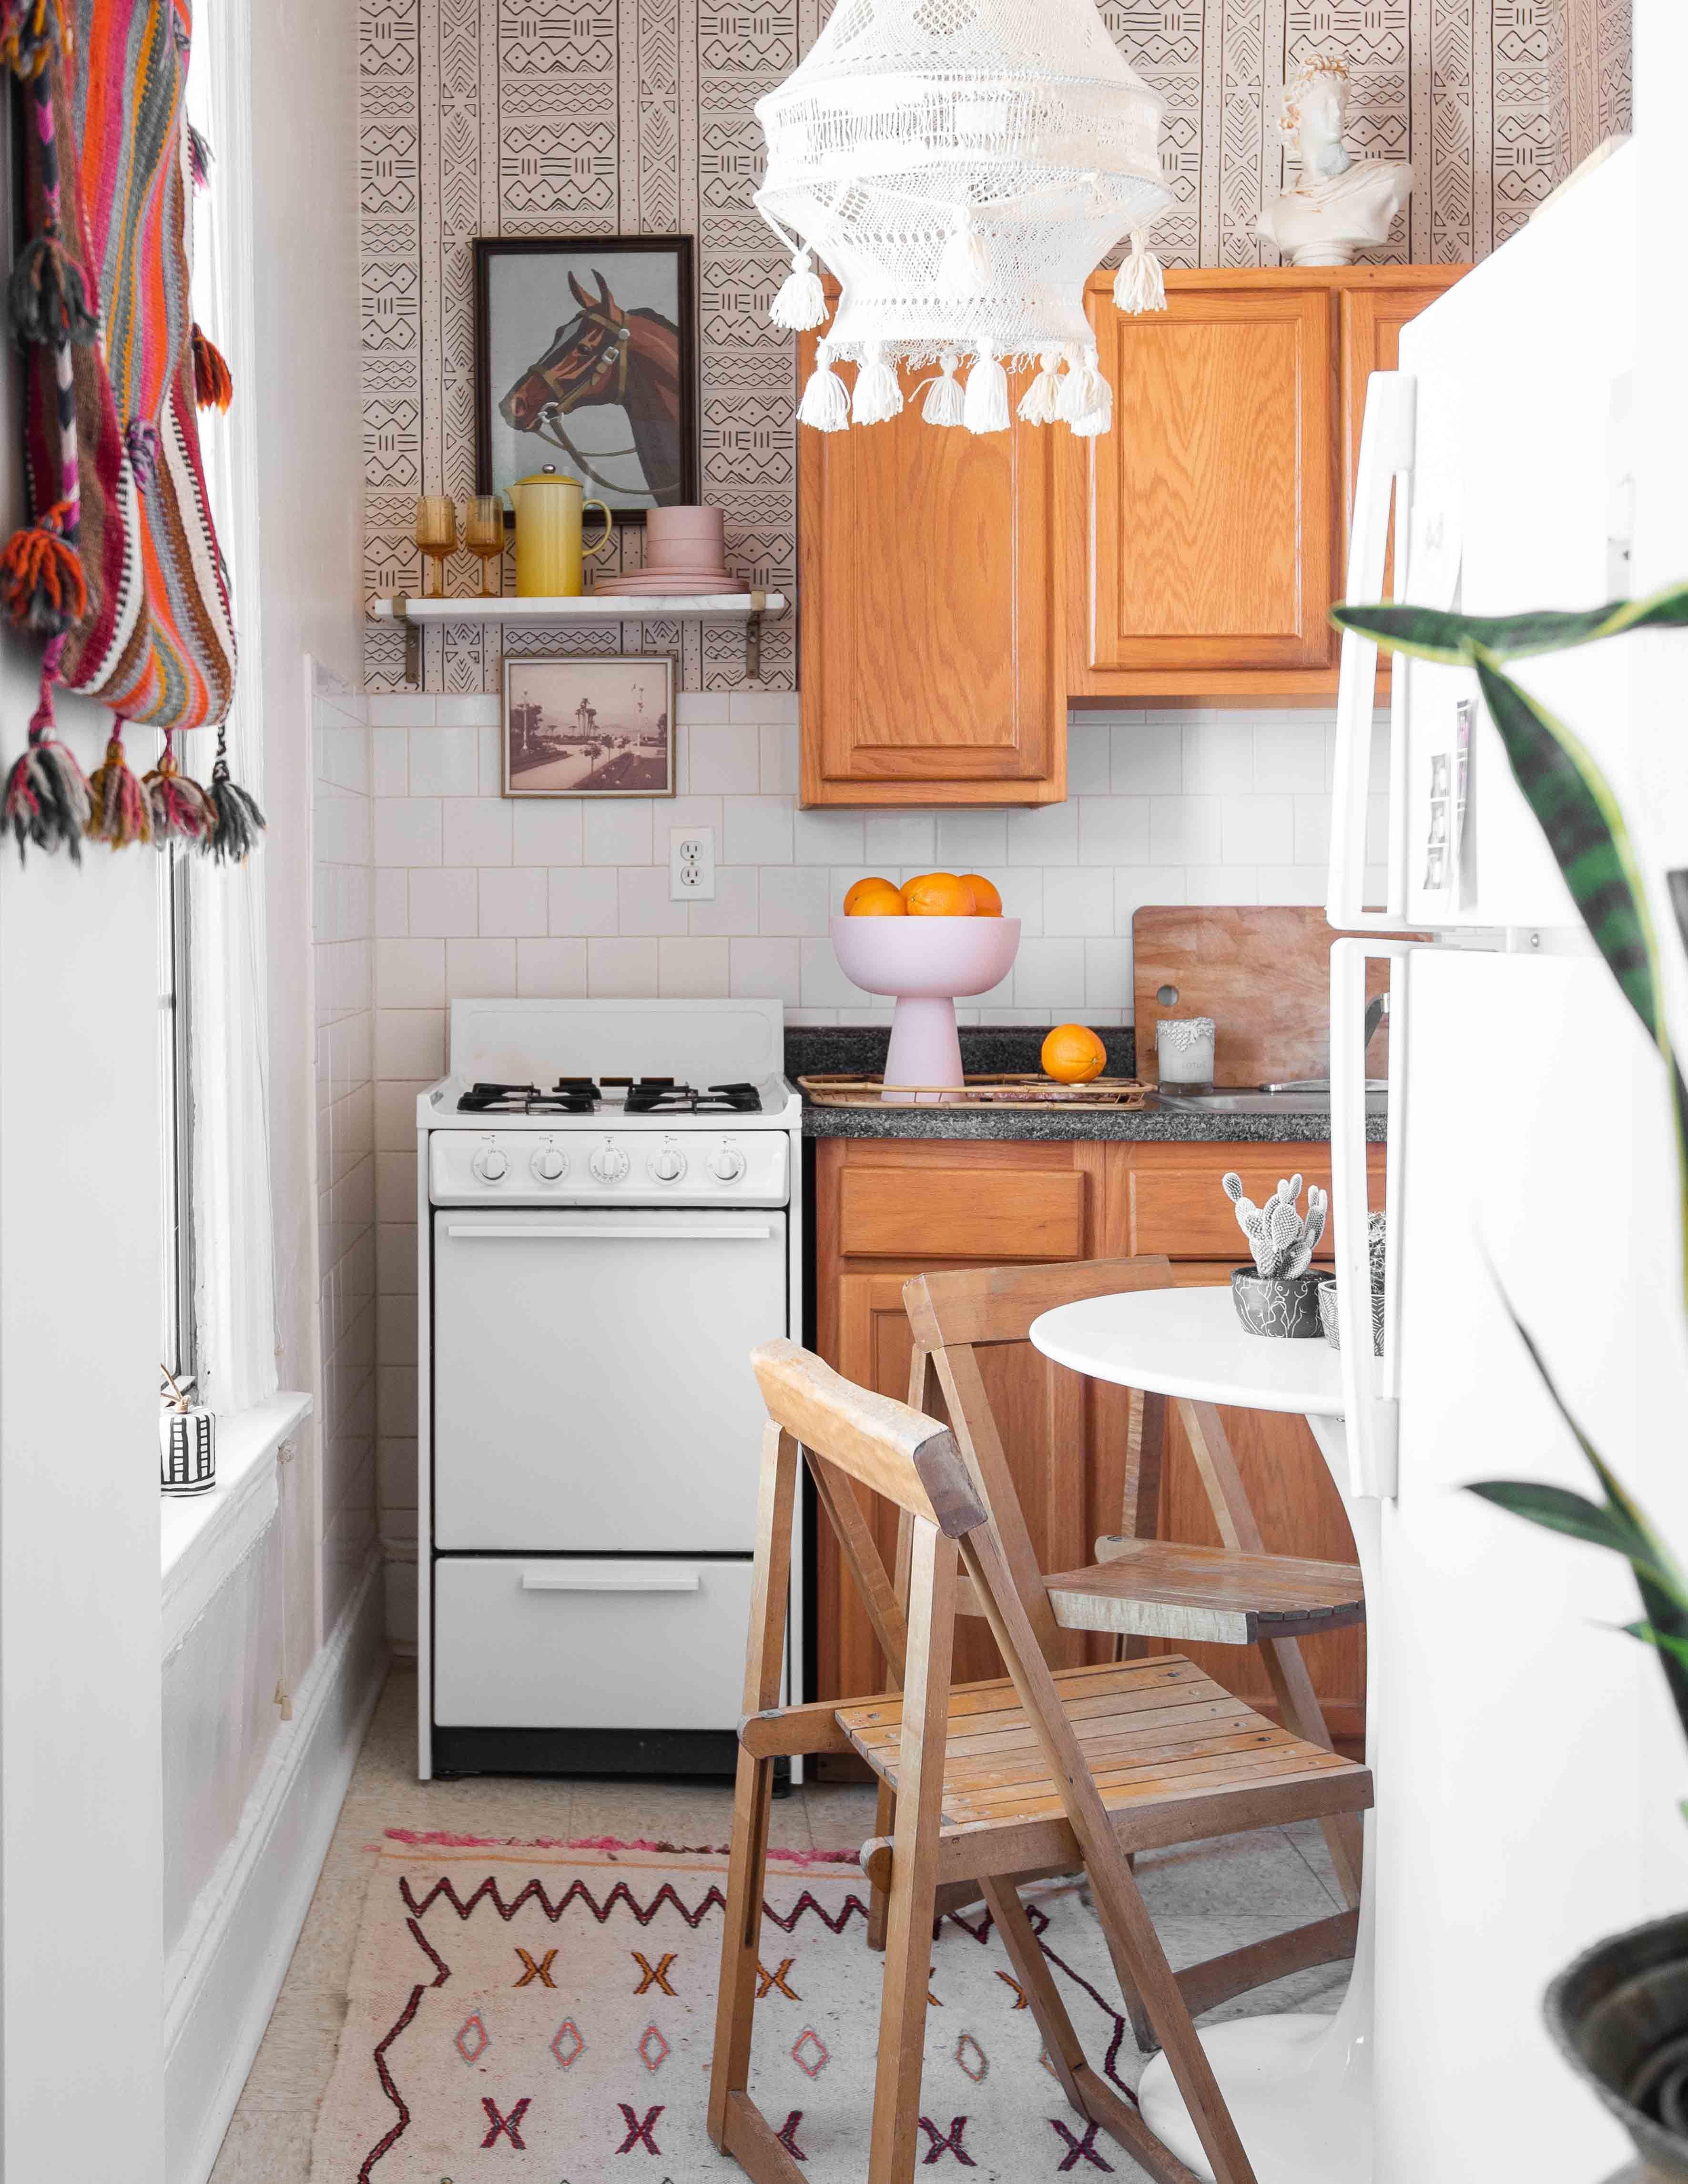 Living Working In 350 Square Feet Design Sponge Relaxing Living Room Dream Decor New York Studio Apartment